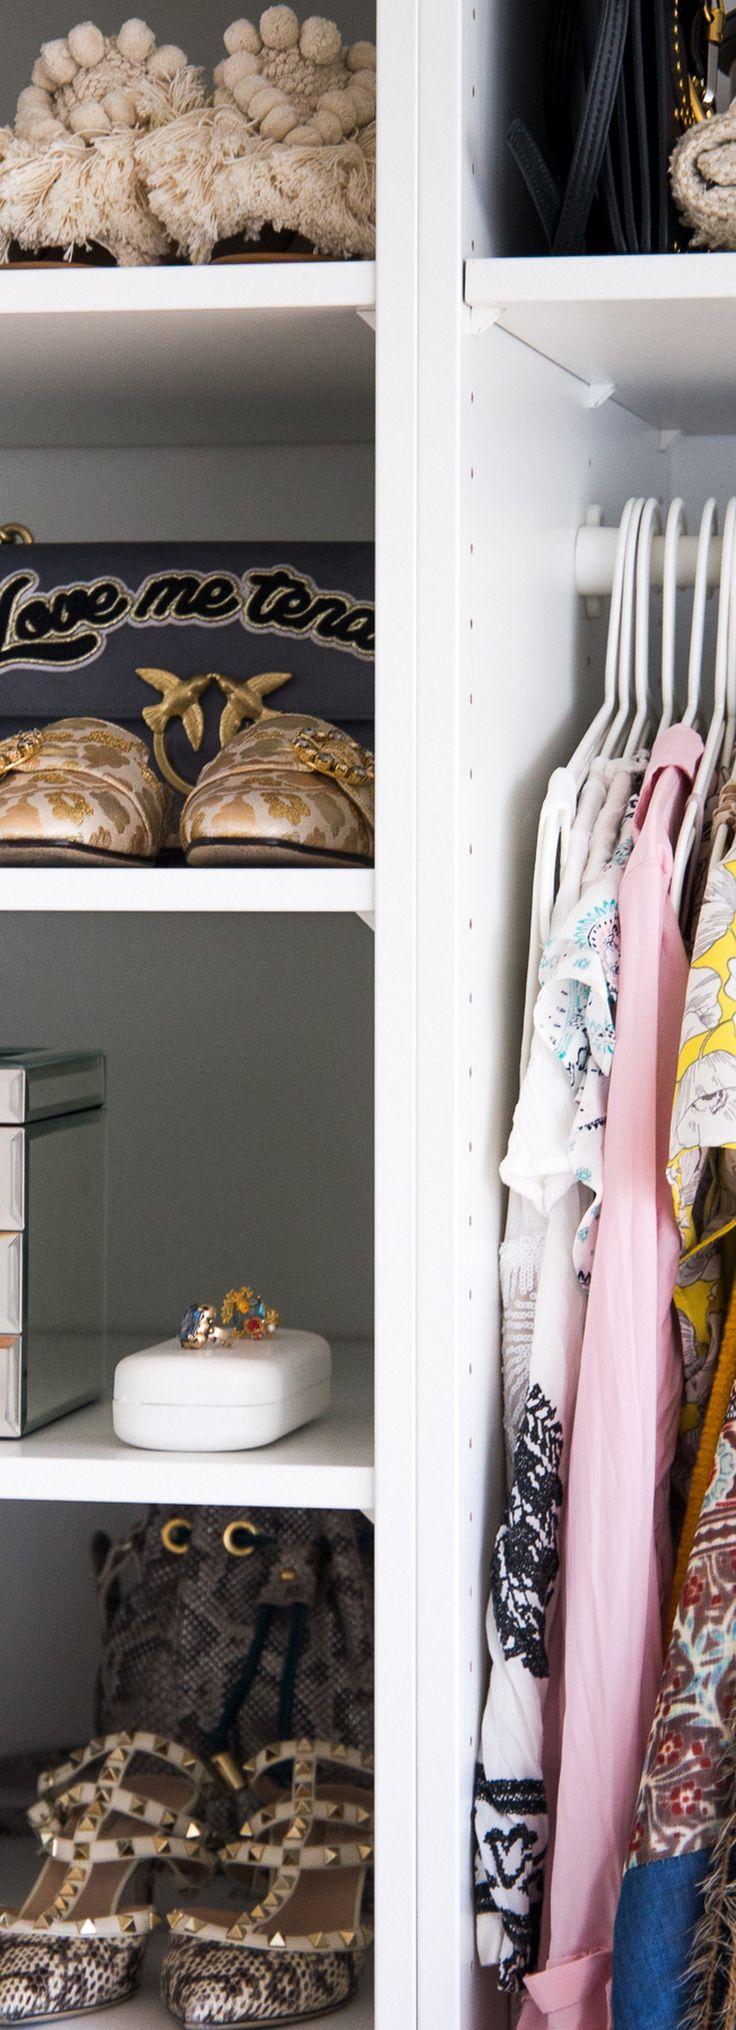 Schuh Sammlung / offener Kleiderschrank / Pax Ikea / Walk-In Closet